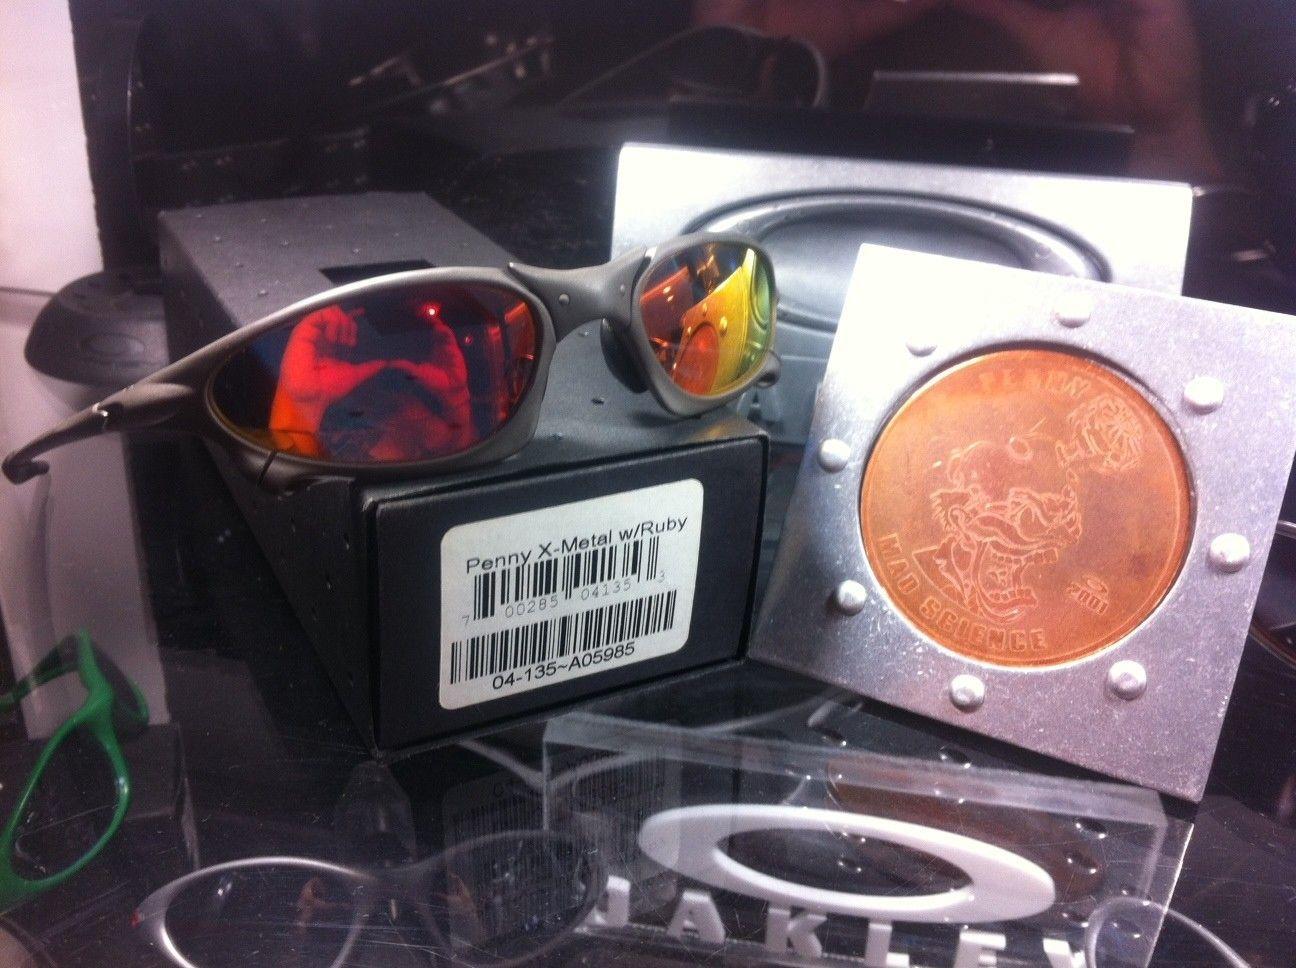 Craigslist Steal! X-Metal / Ruby Pennys - oak11.JPG